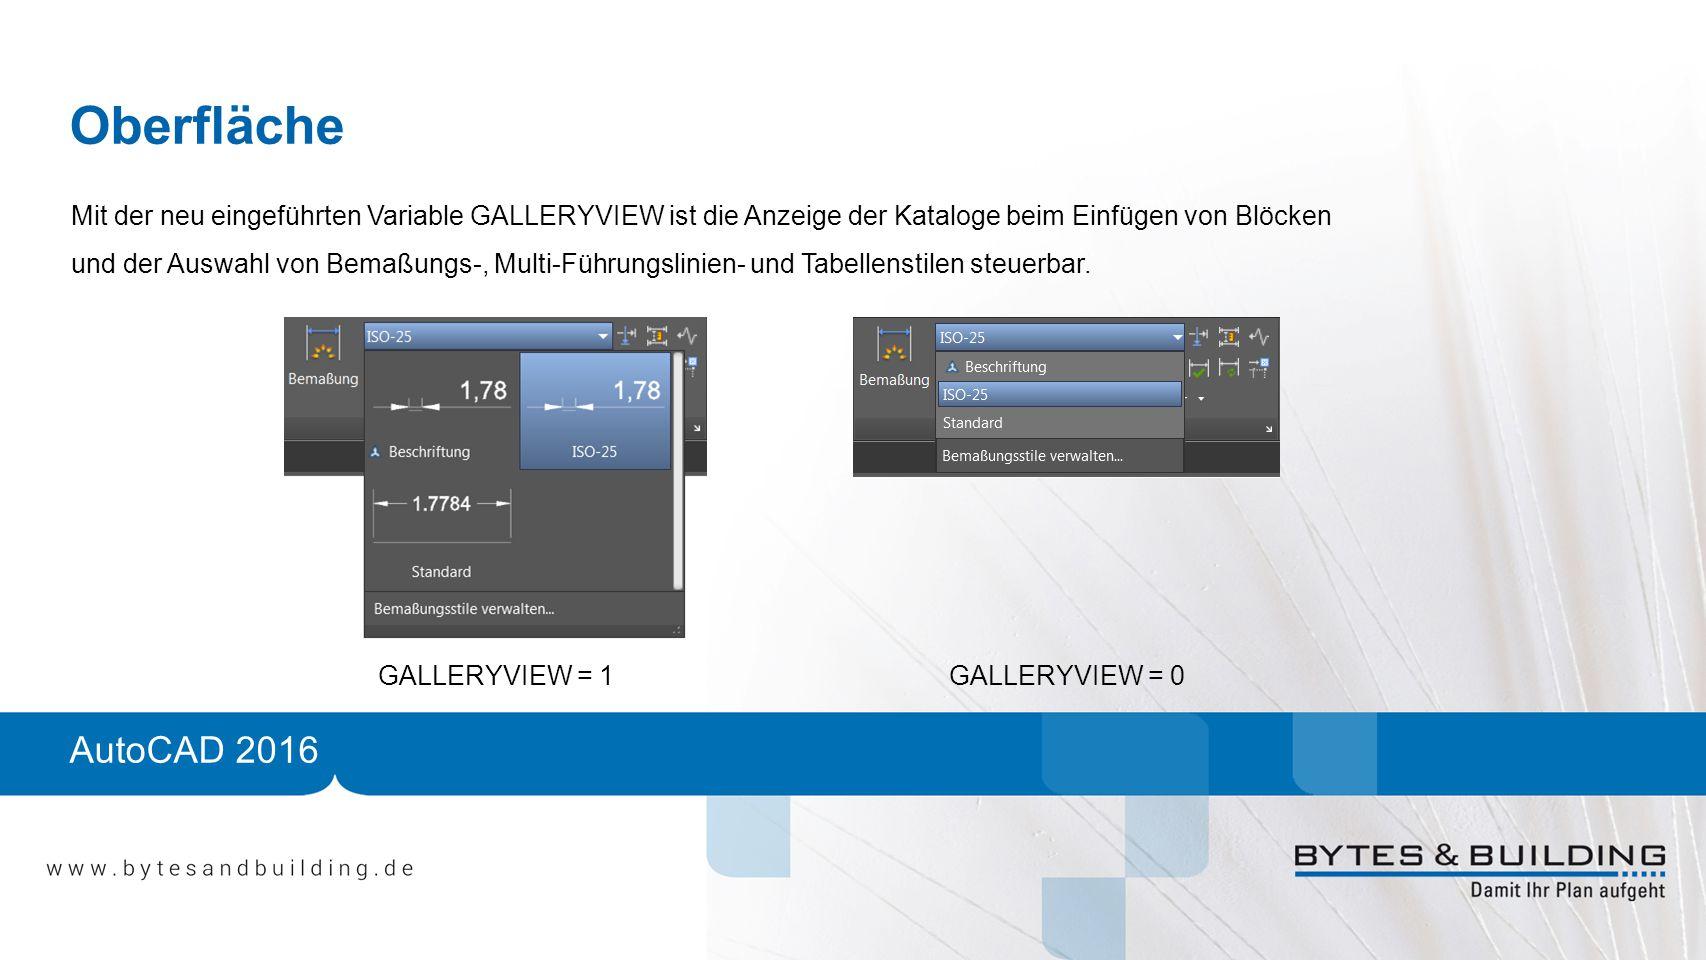 AutoCAD 2016 Oberfläche Mit der neu eingeführten Variable GALLERYVIEW ist die Anzeige der Kataloge beim Einfügen von Blöcken und der Auswahl von Bemaß